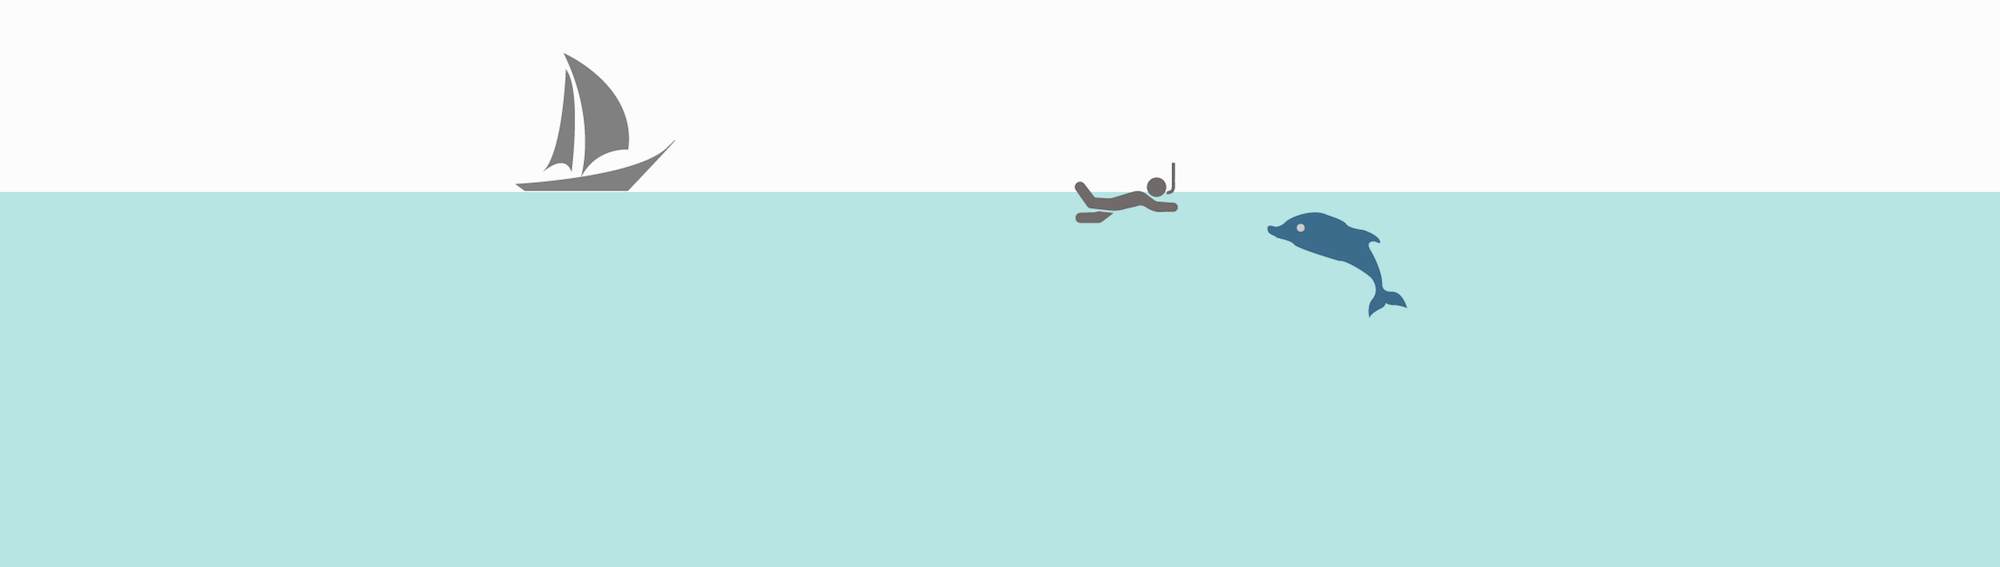 Les types de spots de snorkeling - Pleine mer